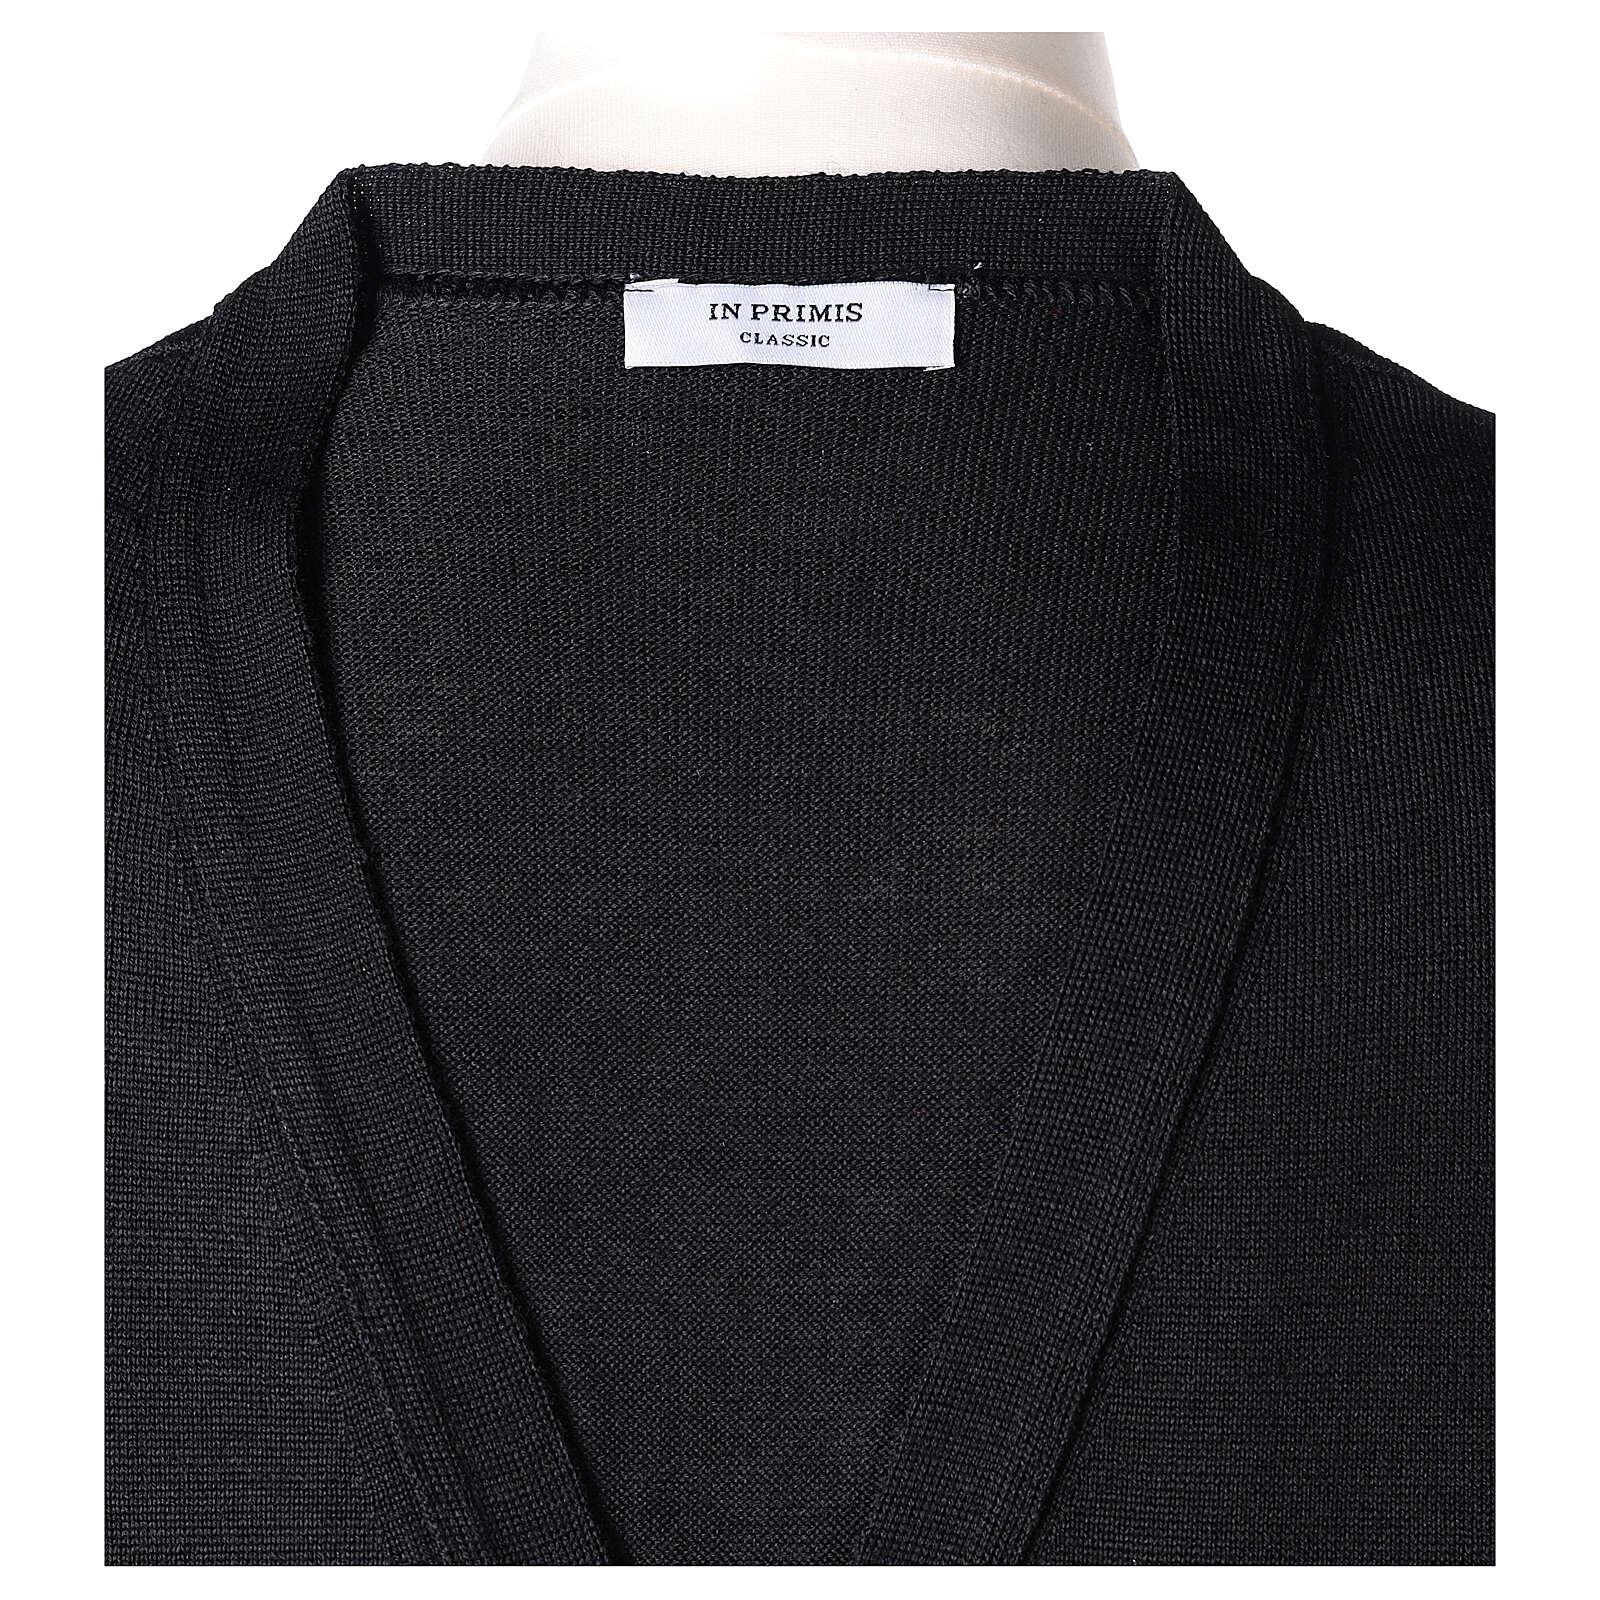 Chaleco sacerdote abierto 50% lana merina 50% acrílico punto al derecho negro In Primis 4